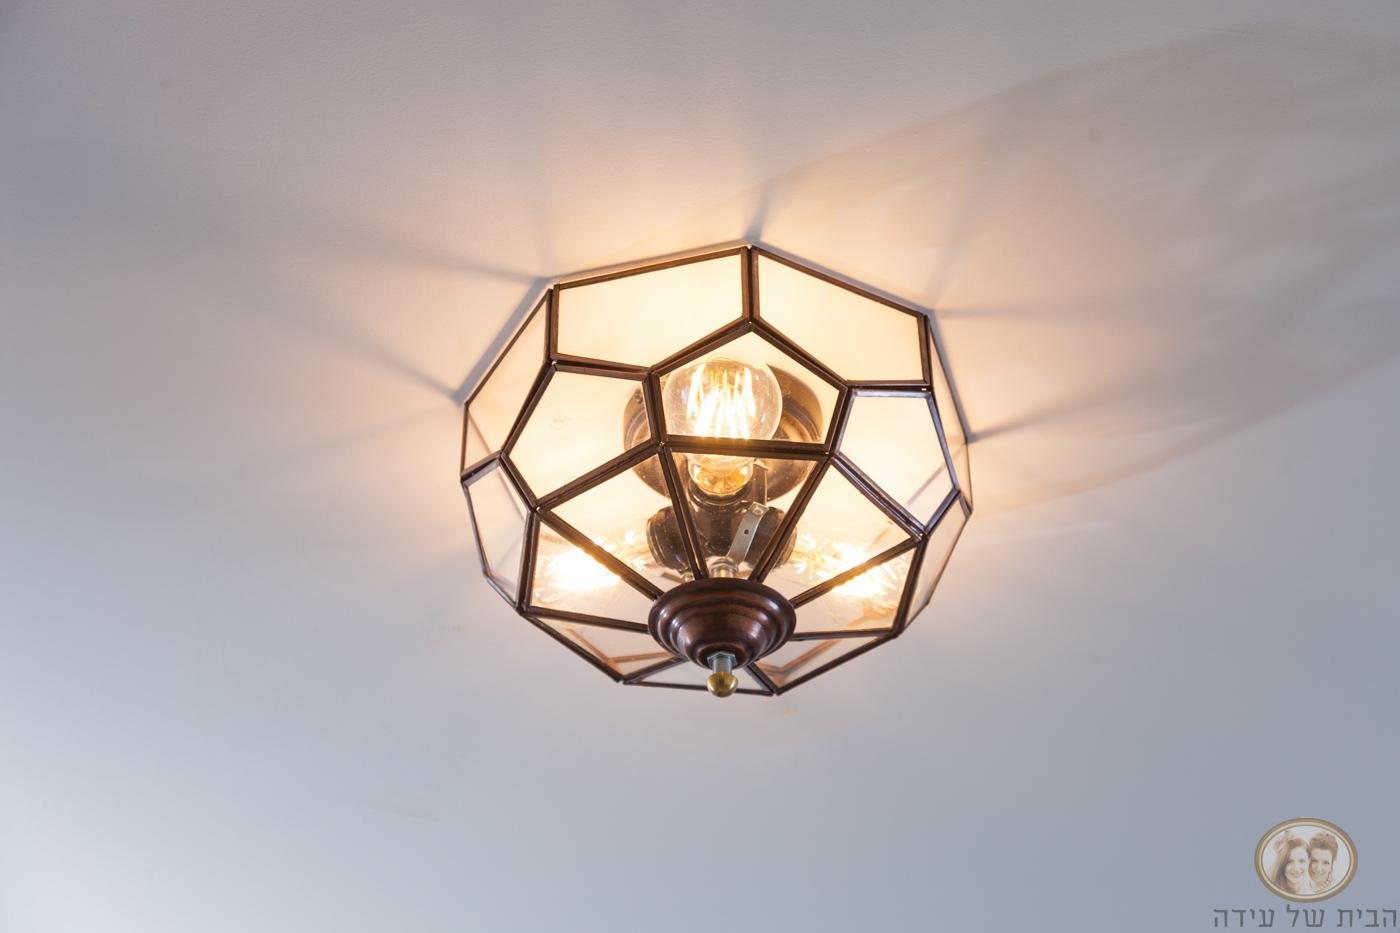 תאורה לכניסה לבית